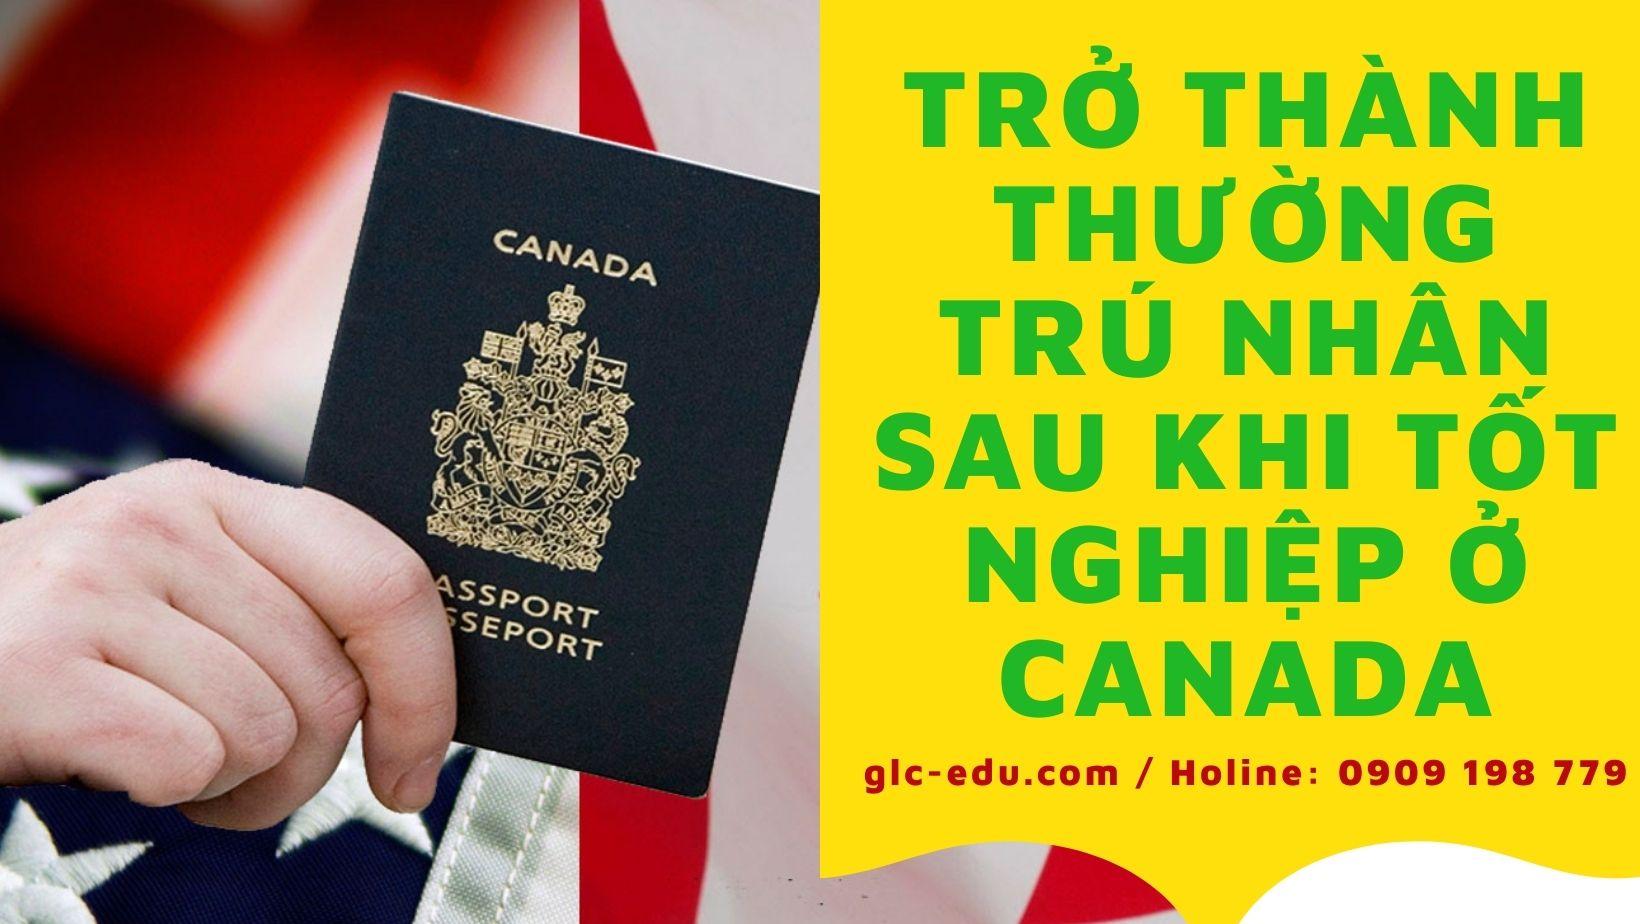 Trở Thành Thường Trú Nhân Sau Khi Tốt Nghiệp Ở Canada